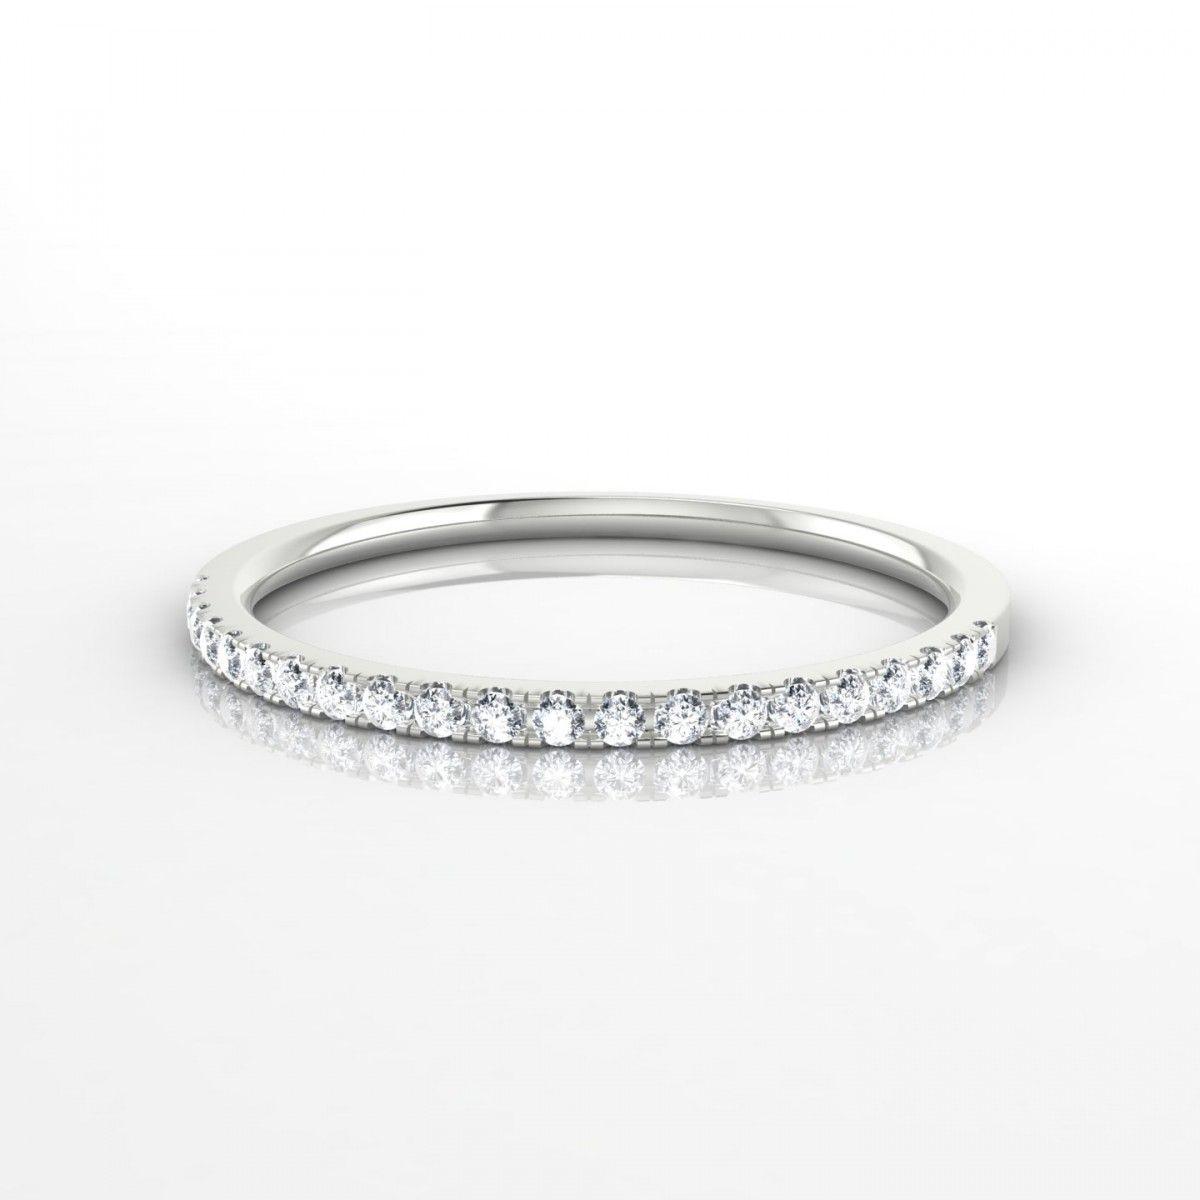 1adb6796dd0 Union Bague Diamant en Argent 925